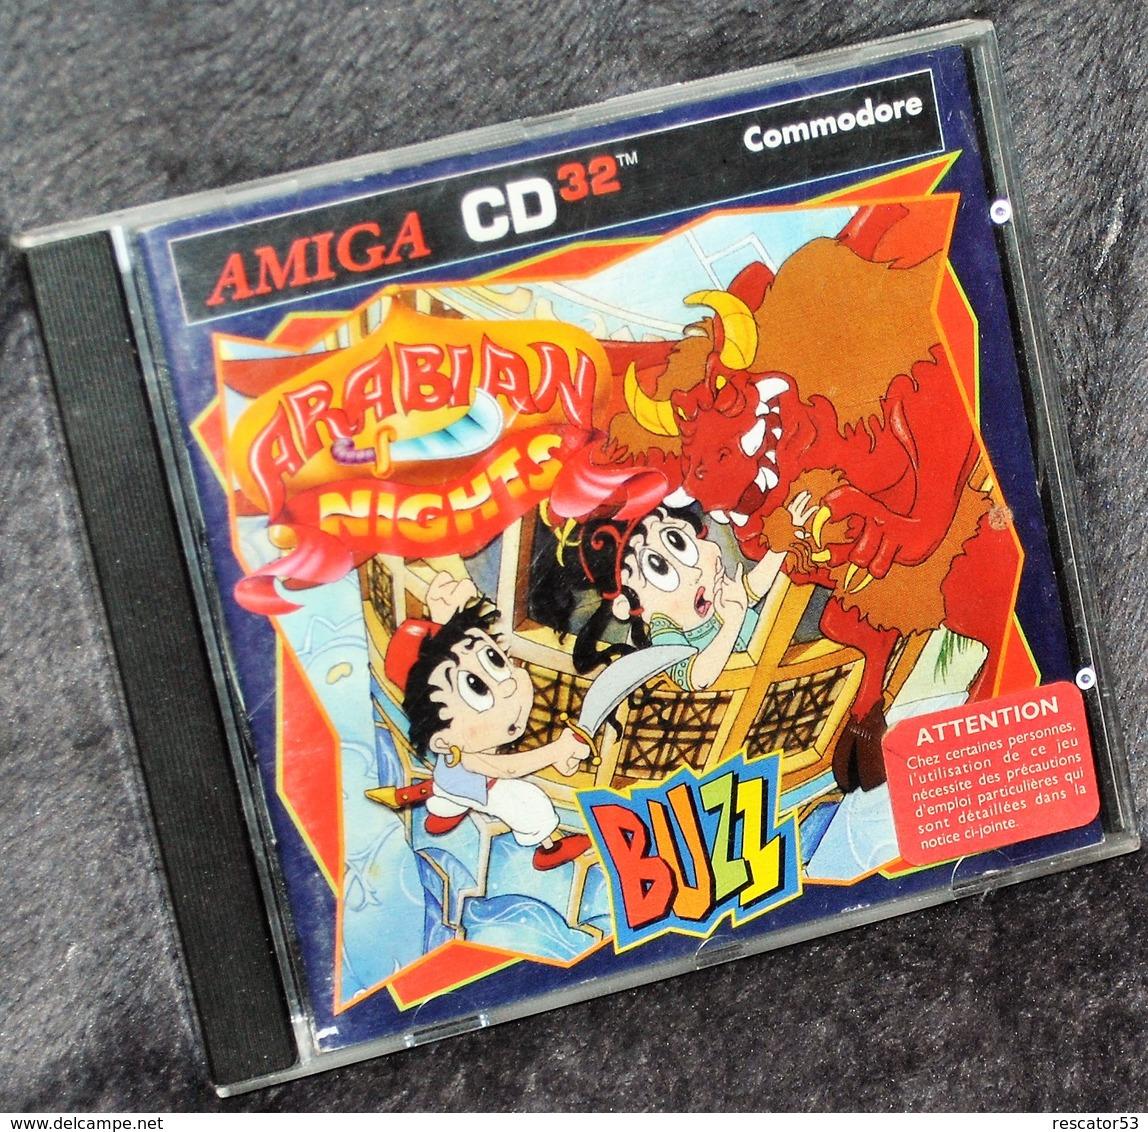 Très Rare Console Jeux Amiga CD32 Commodore Arabian Night Buzz - Autres